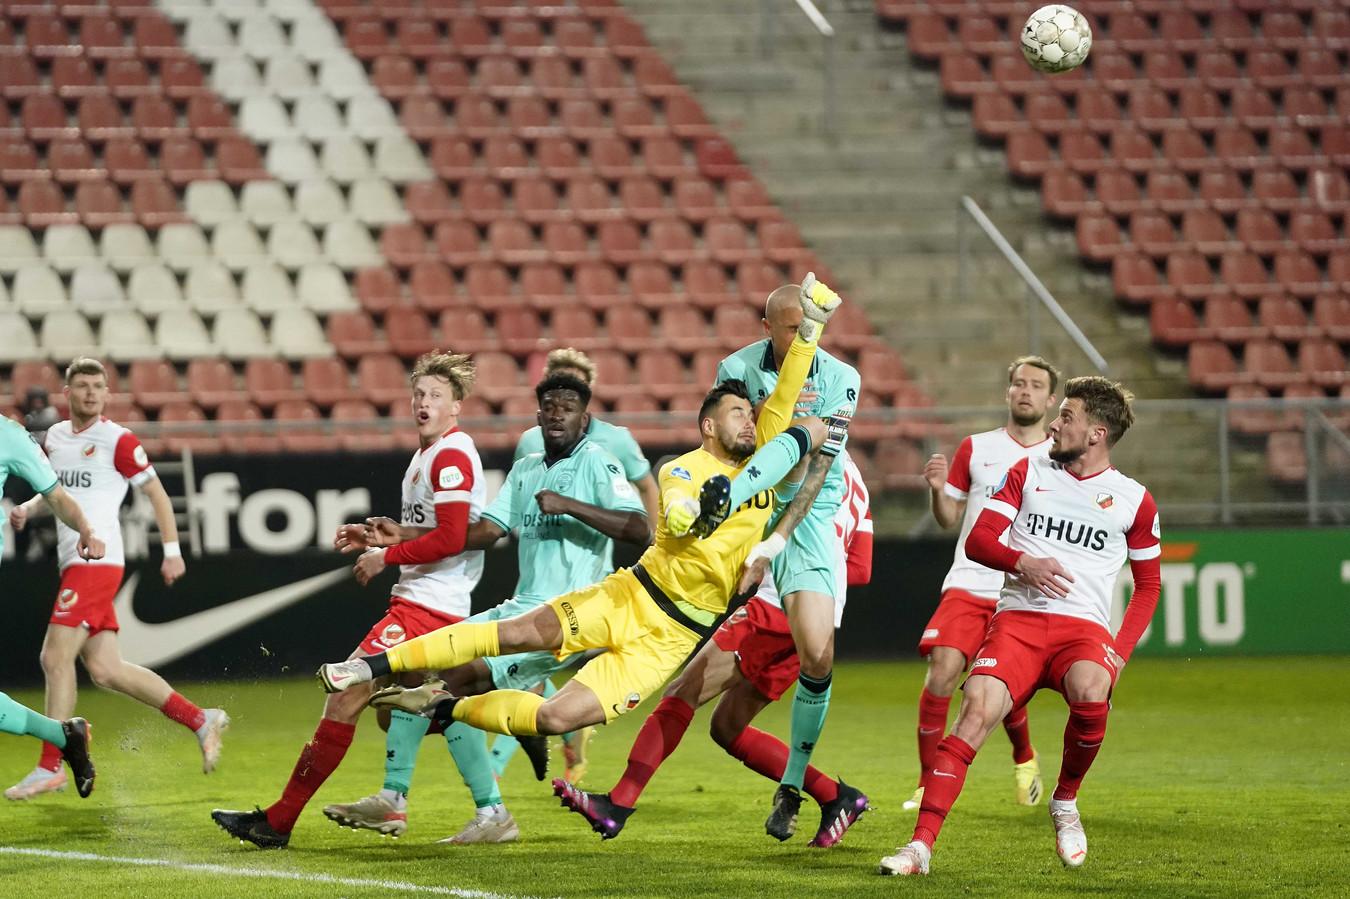 Het been van Sebastian Holmén komt behoorlijk hoog, maar de Zweed vond niet dat hij voor deze actie de gele kaart verdiende.